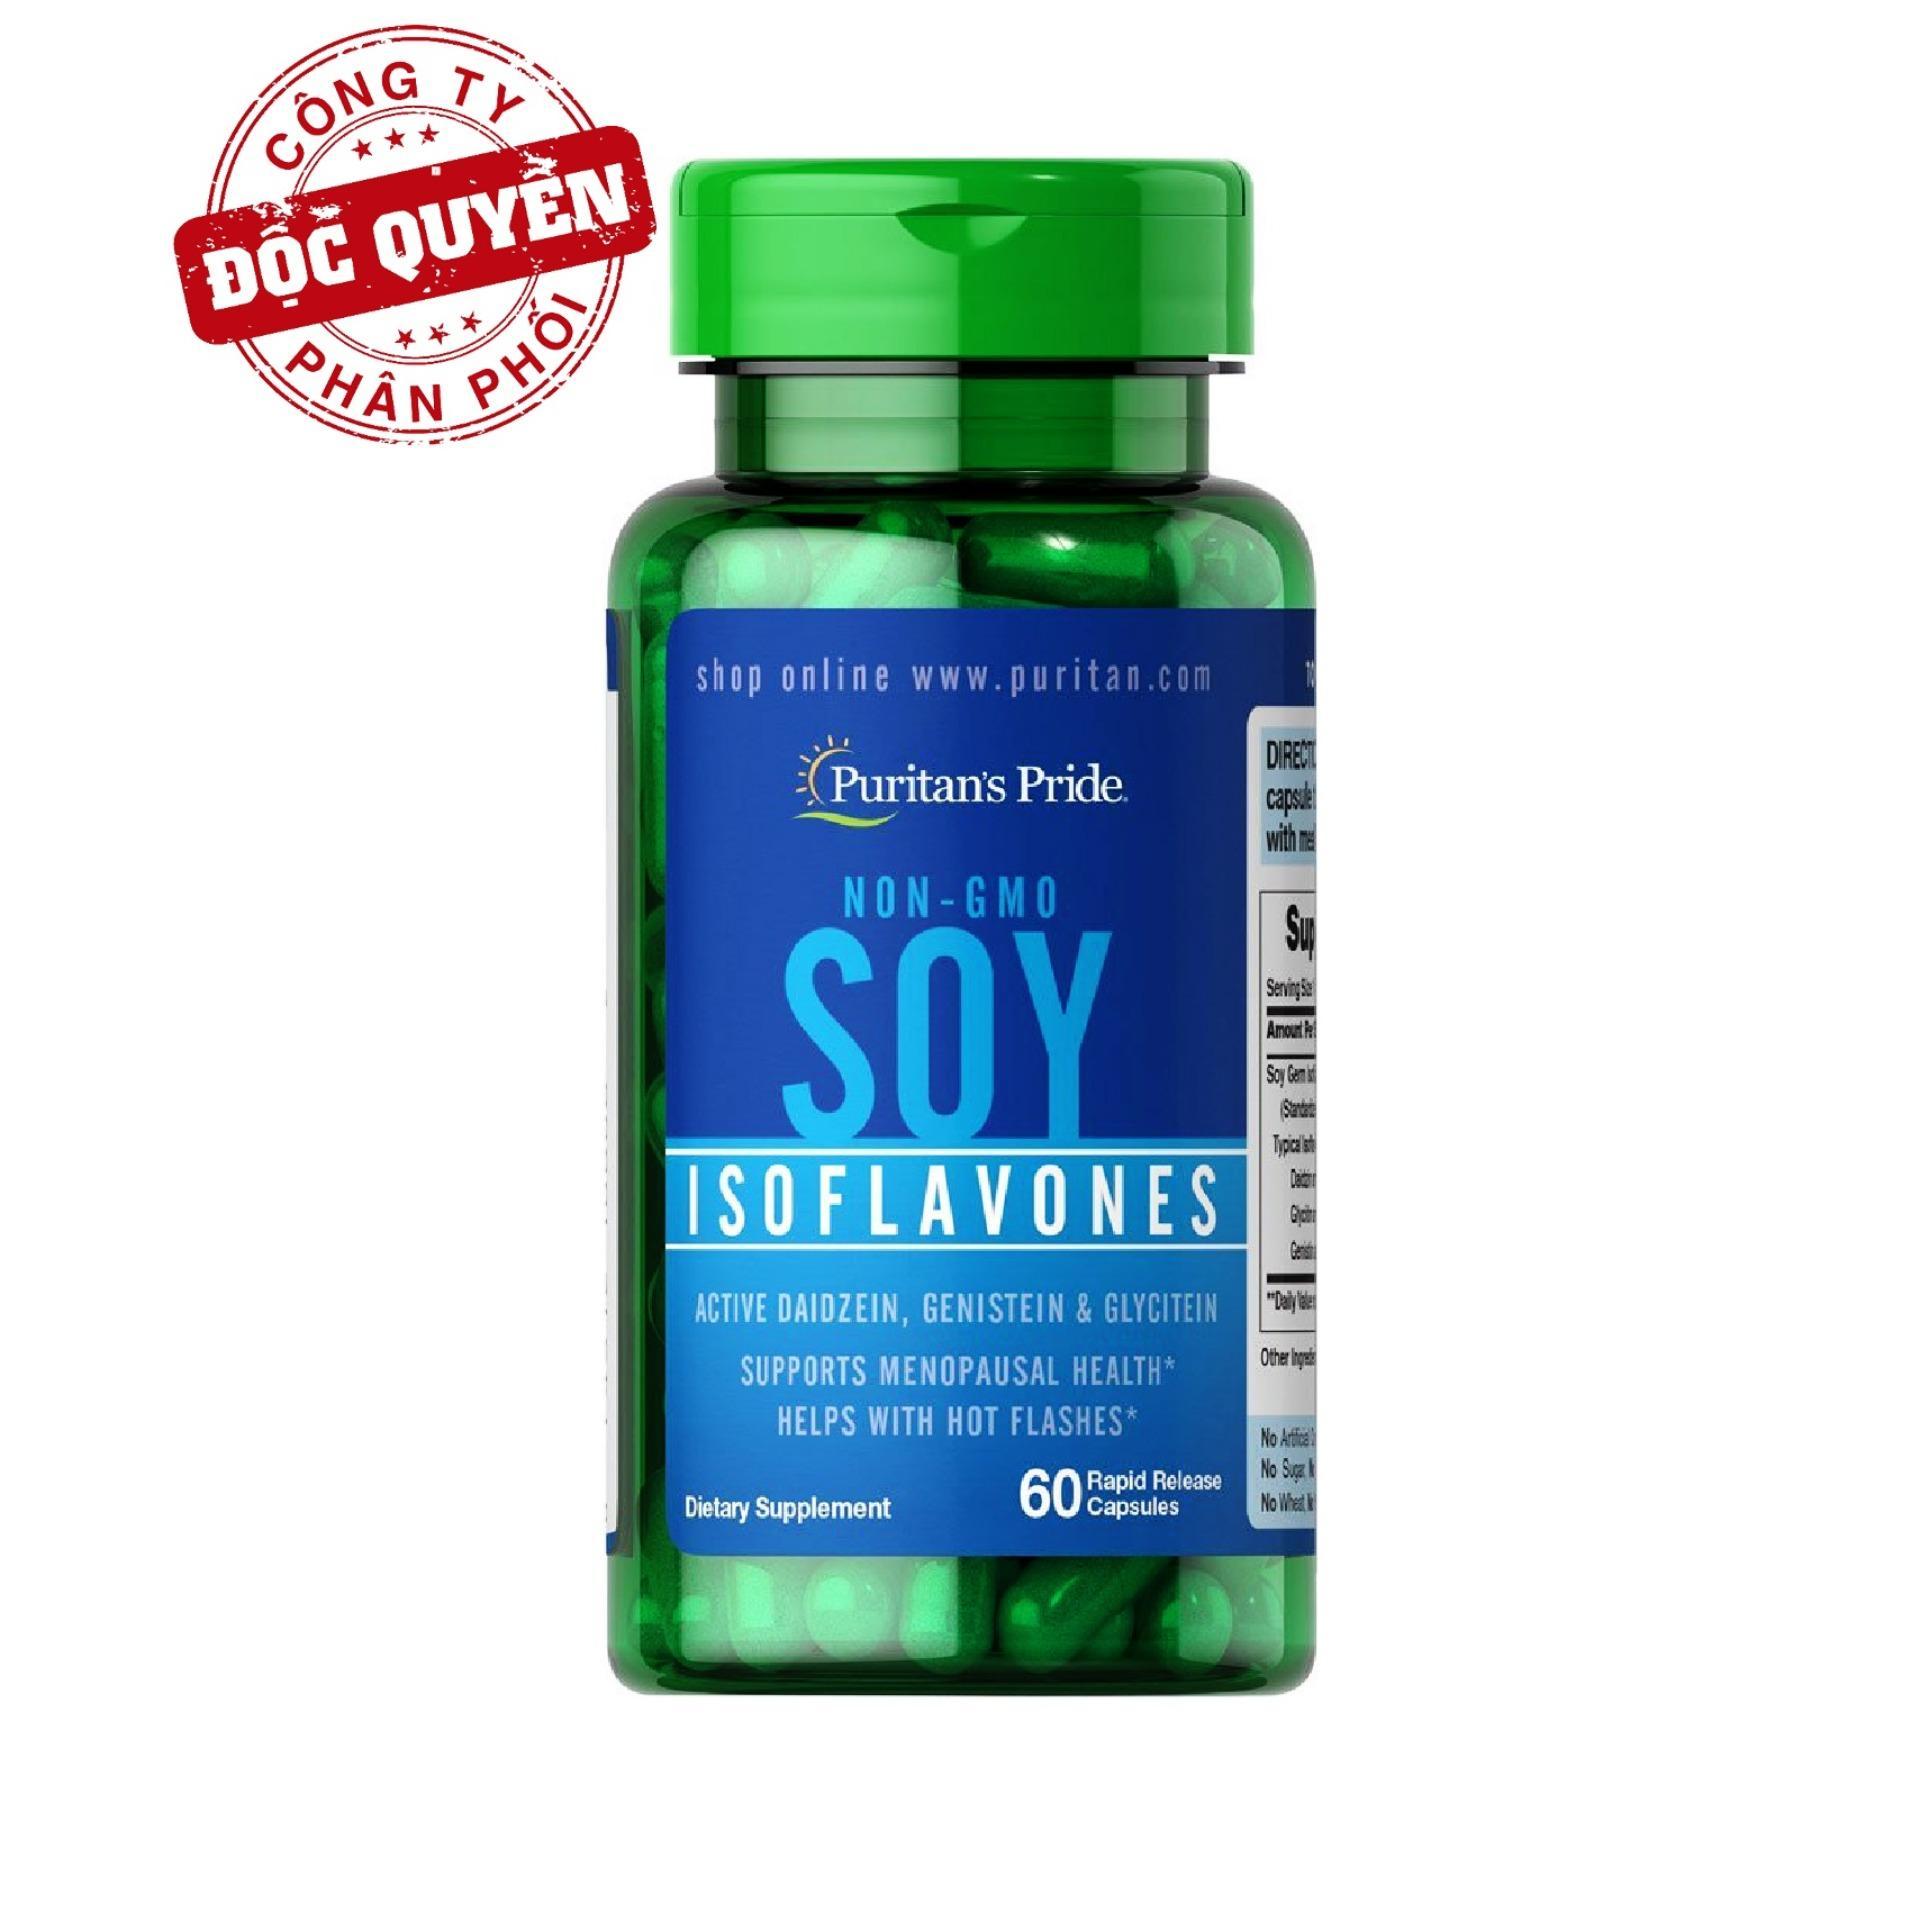 Viên uống bổ sung nội tiết tố, giúp giảm các triệu chứng của phụ nữ tiền mãn kinh chiết xuất mầm đậu nành không biến đổi gen Non-GMO Soy Isoflavones 750mg 60 viên